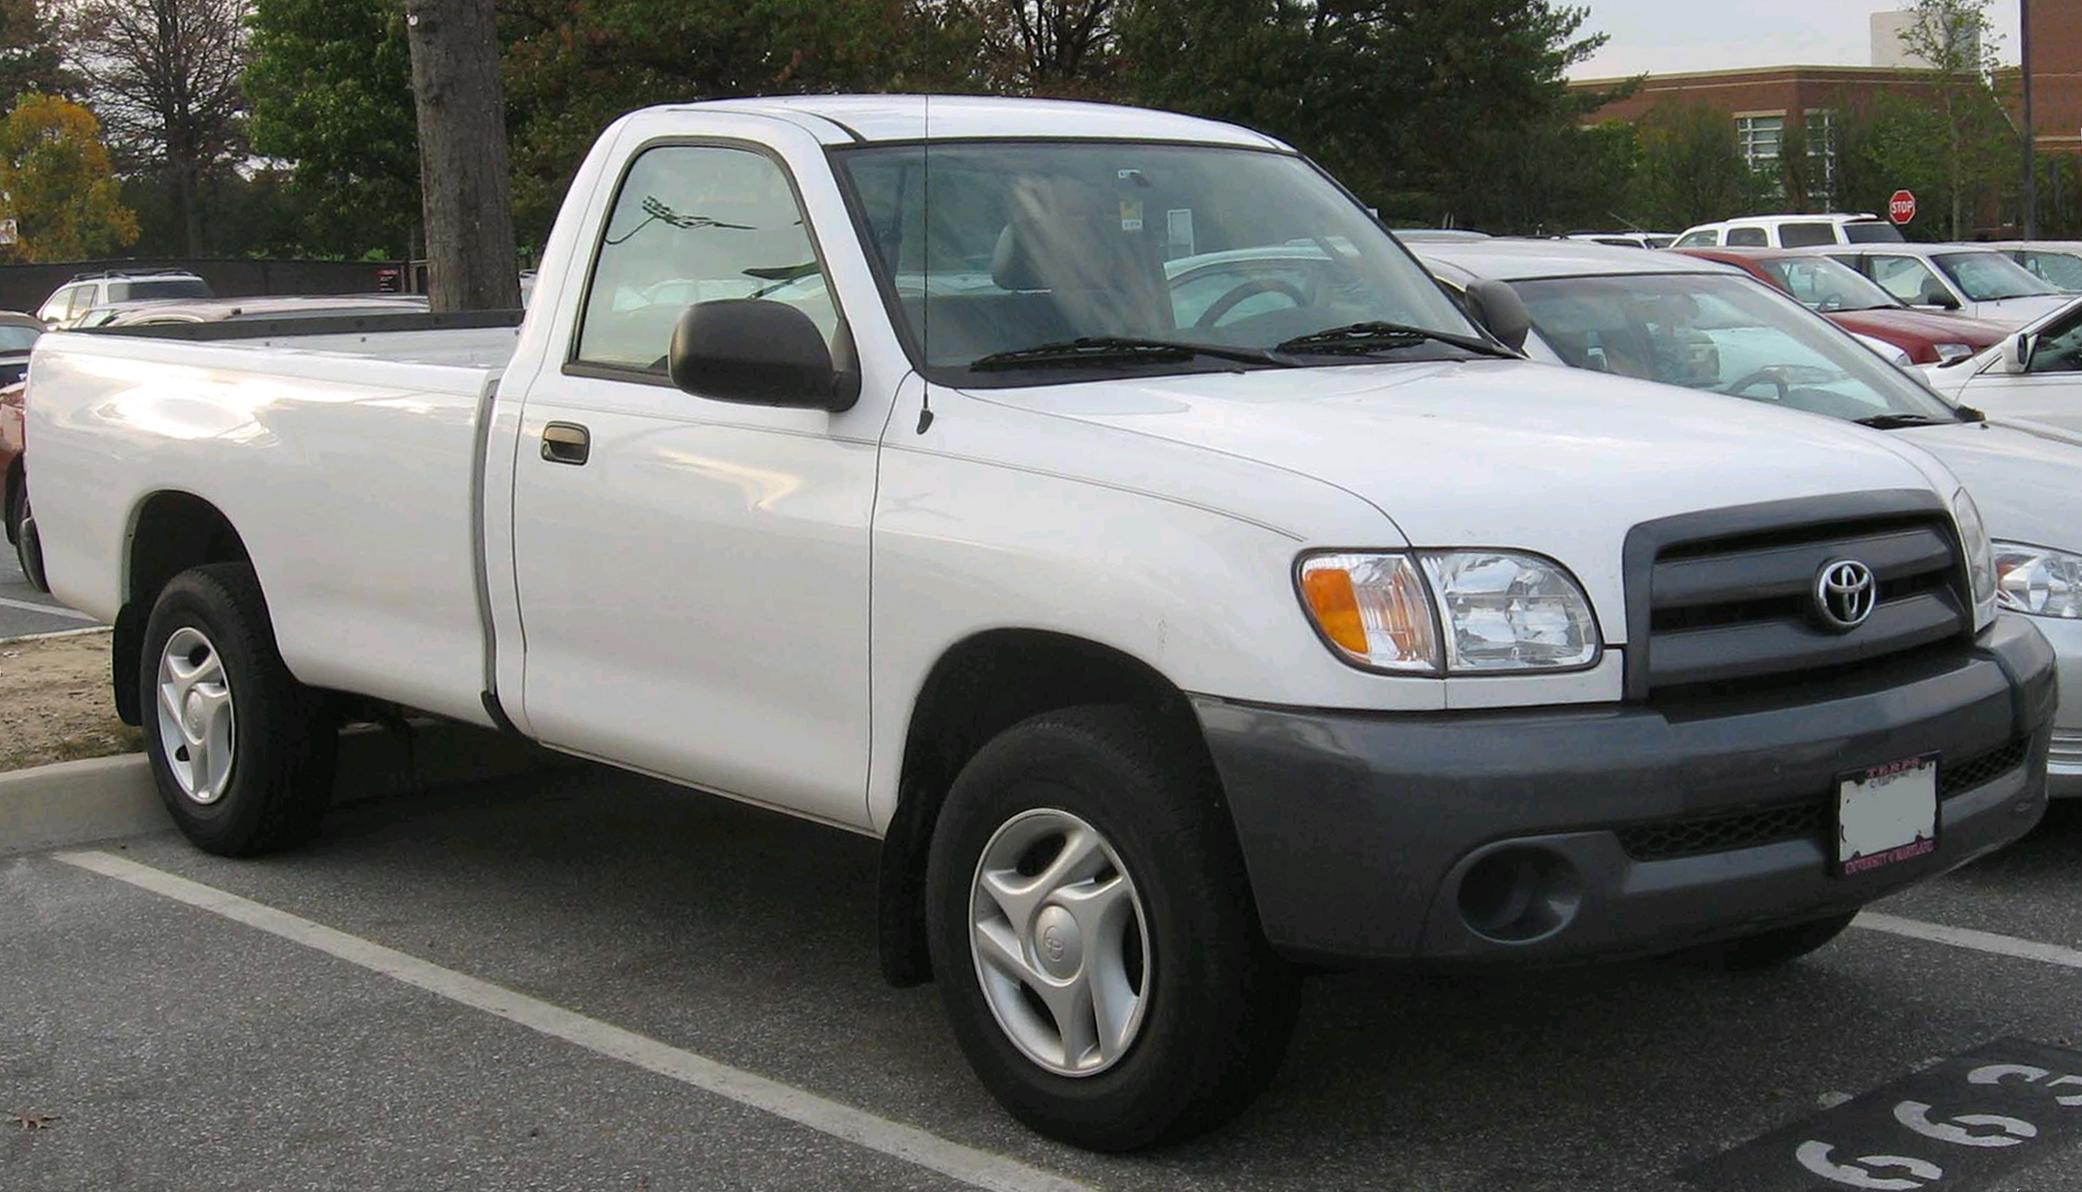 2006 Toyota Tundra Information and photos ZombieDrive